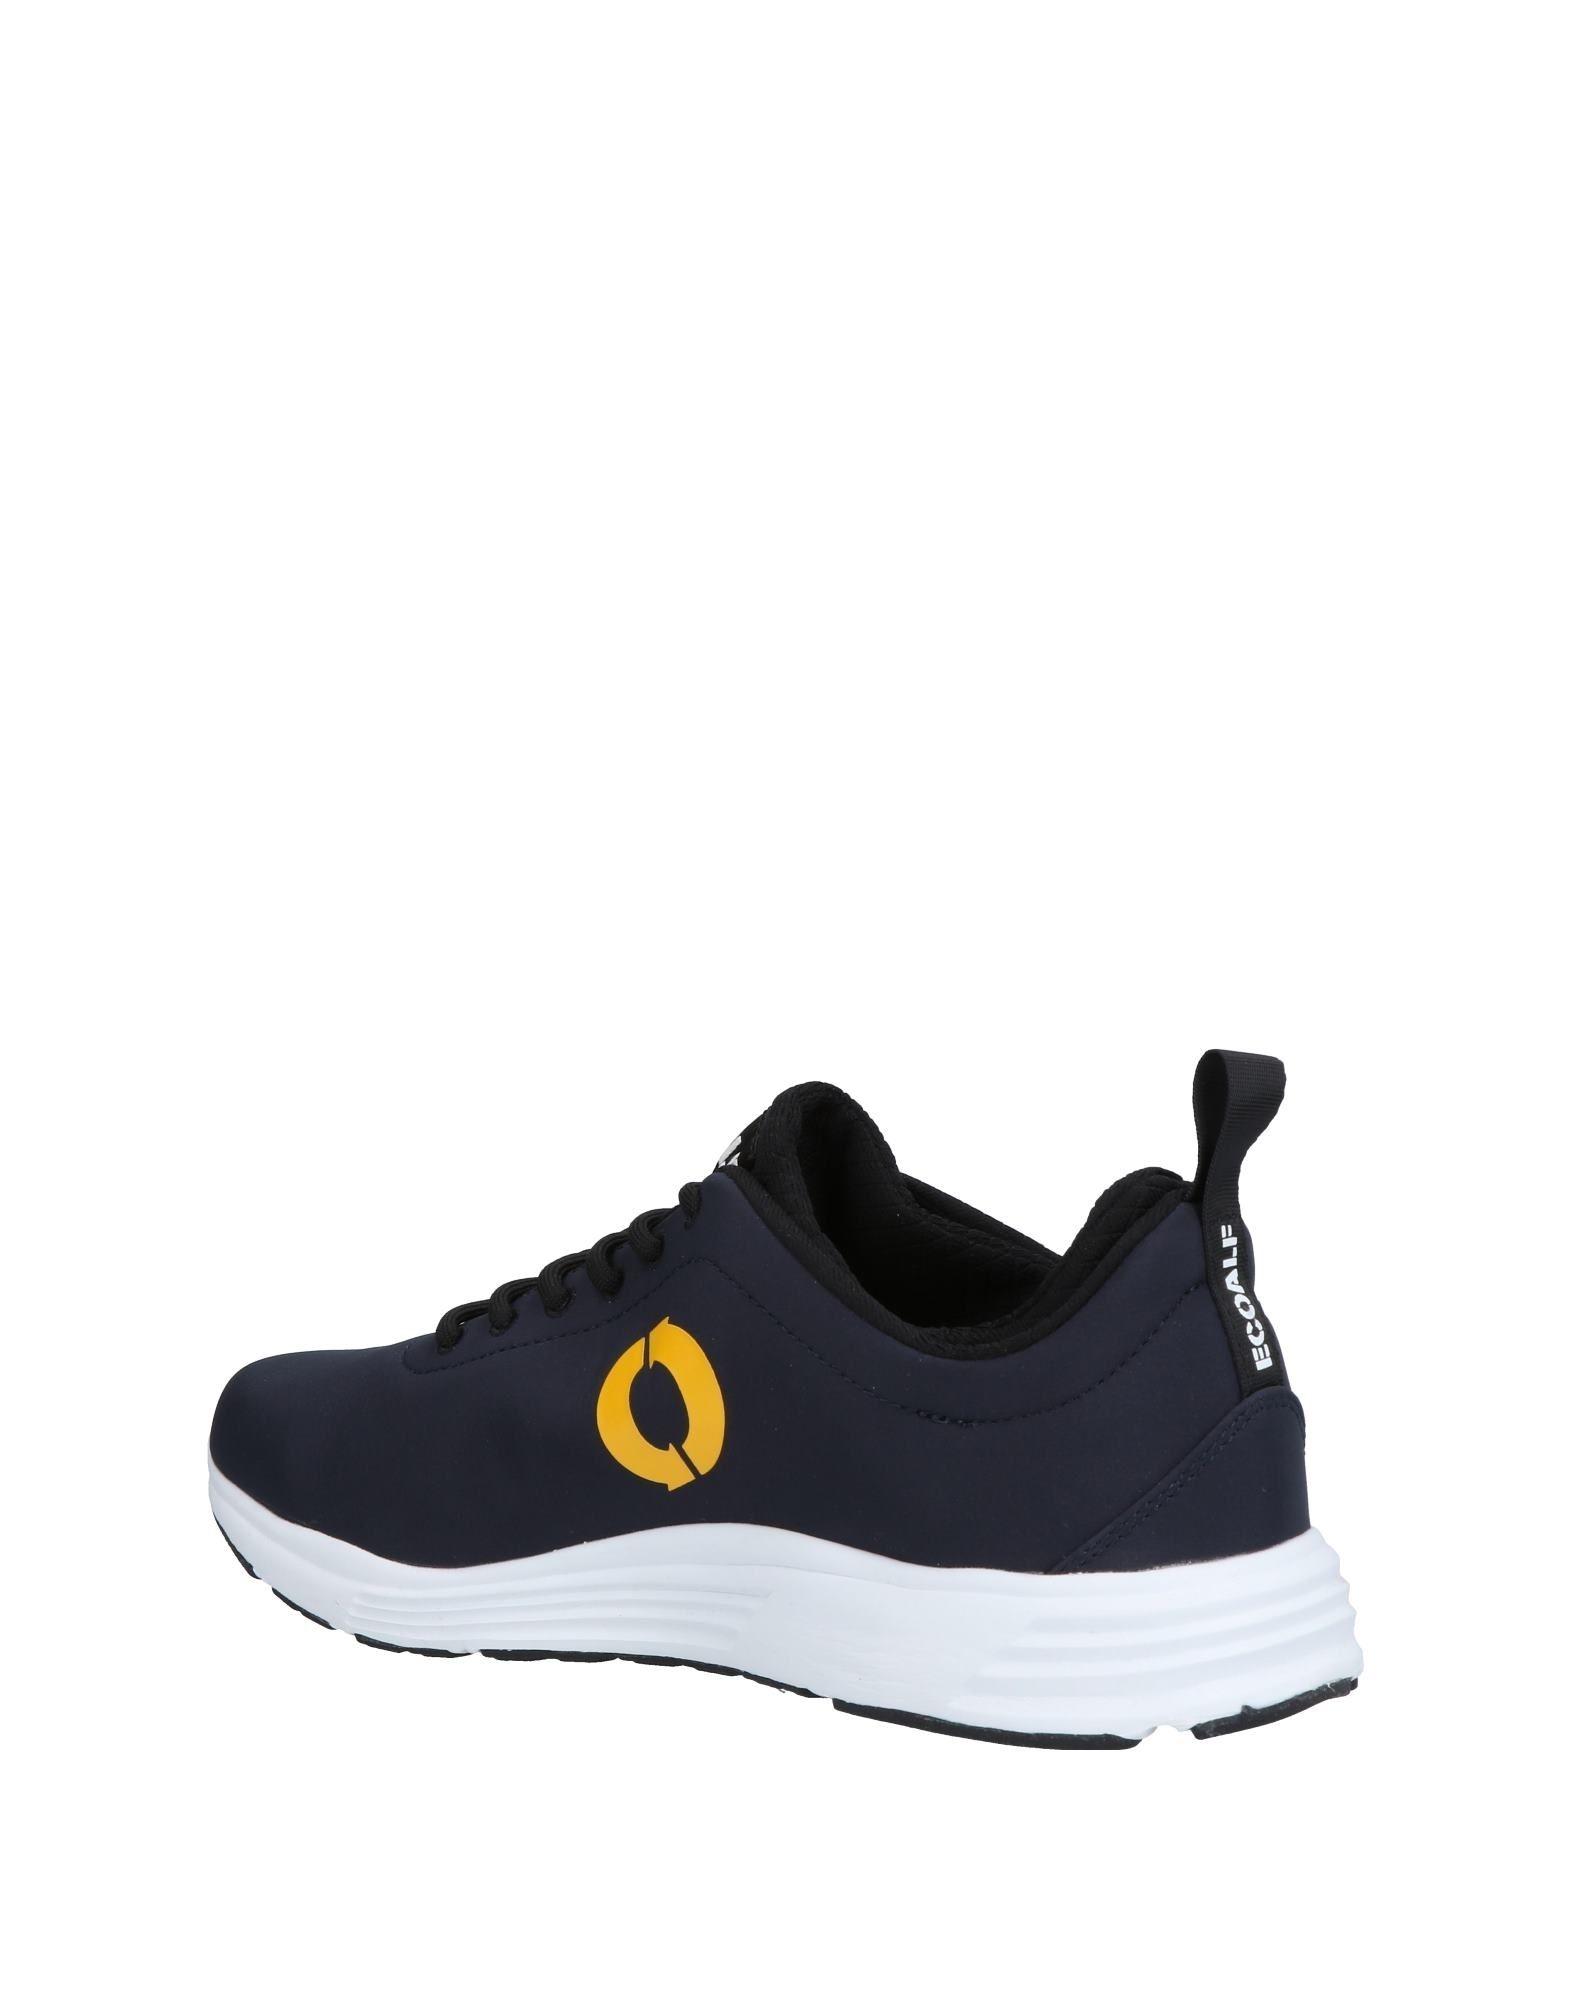 Rabatt echte Schuhe Ecoalf Sneakers 11472662FV Herren  11472662FV Sneakers c1297b